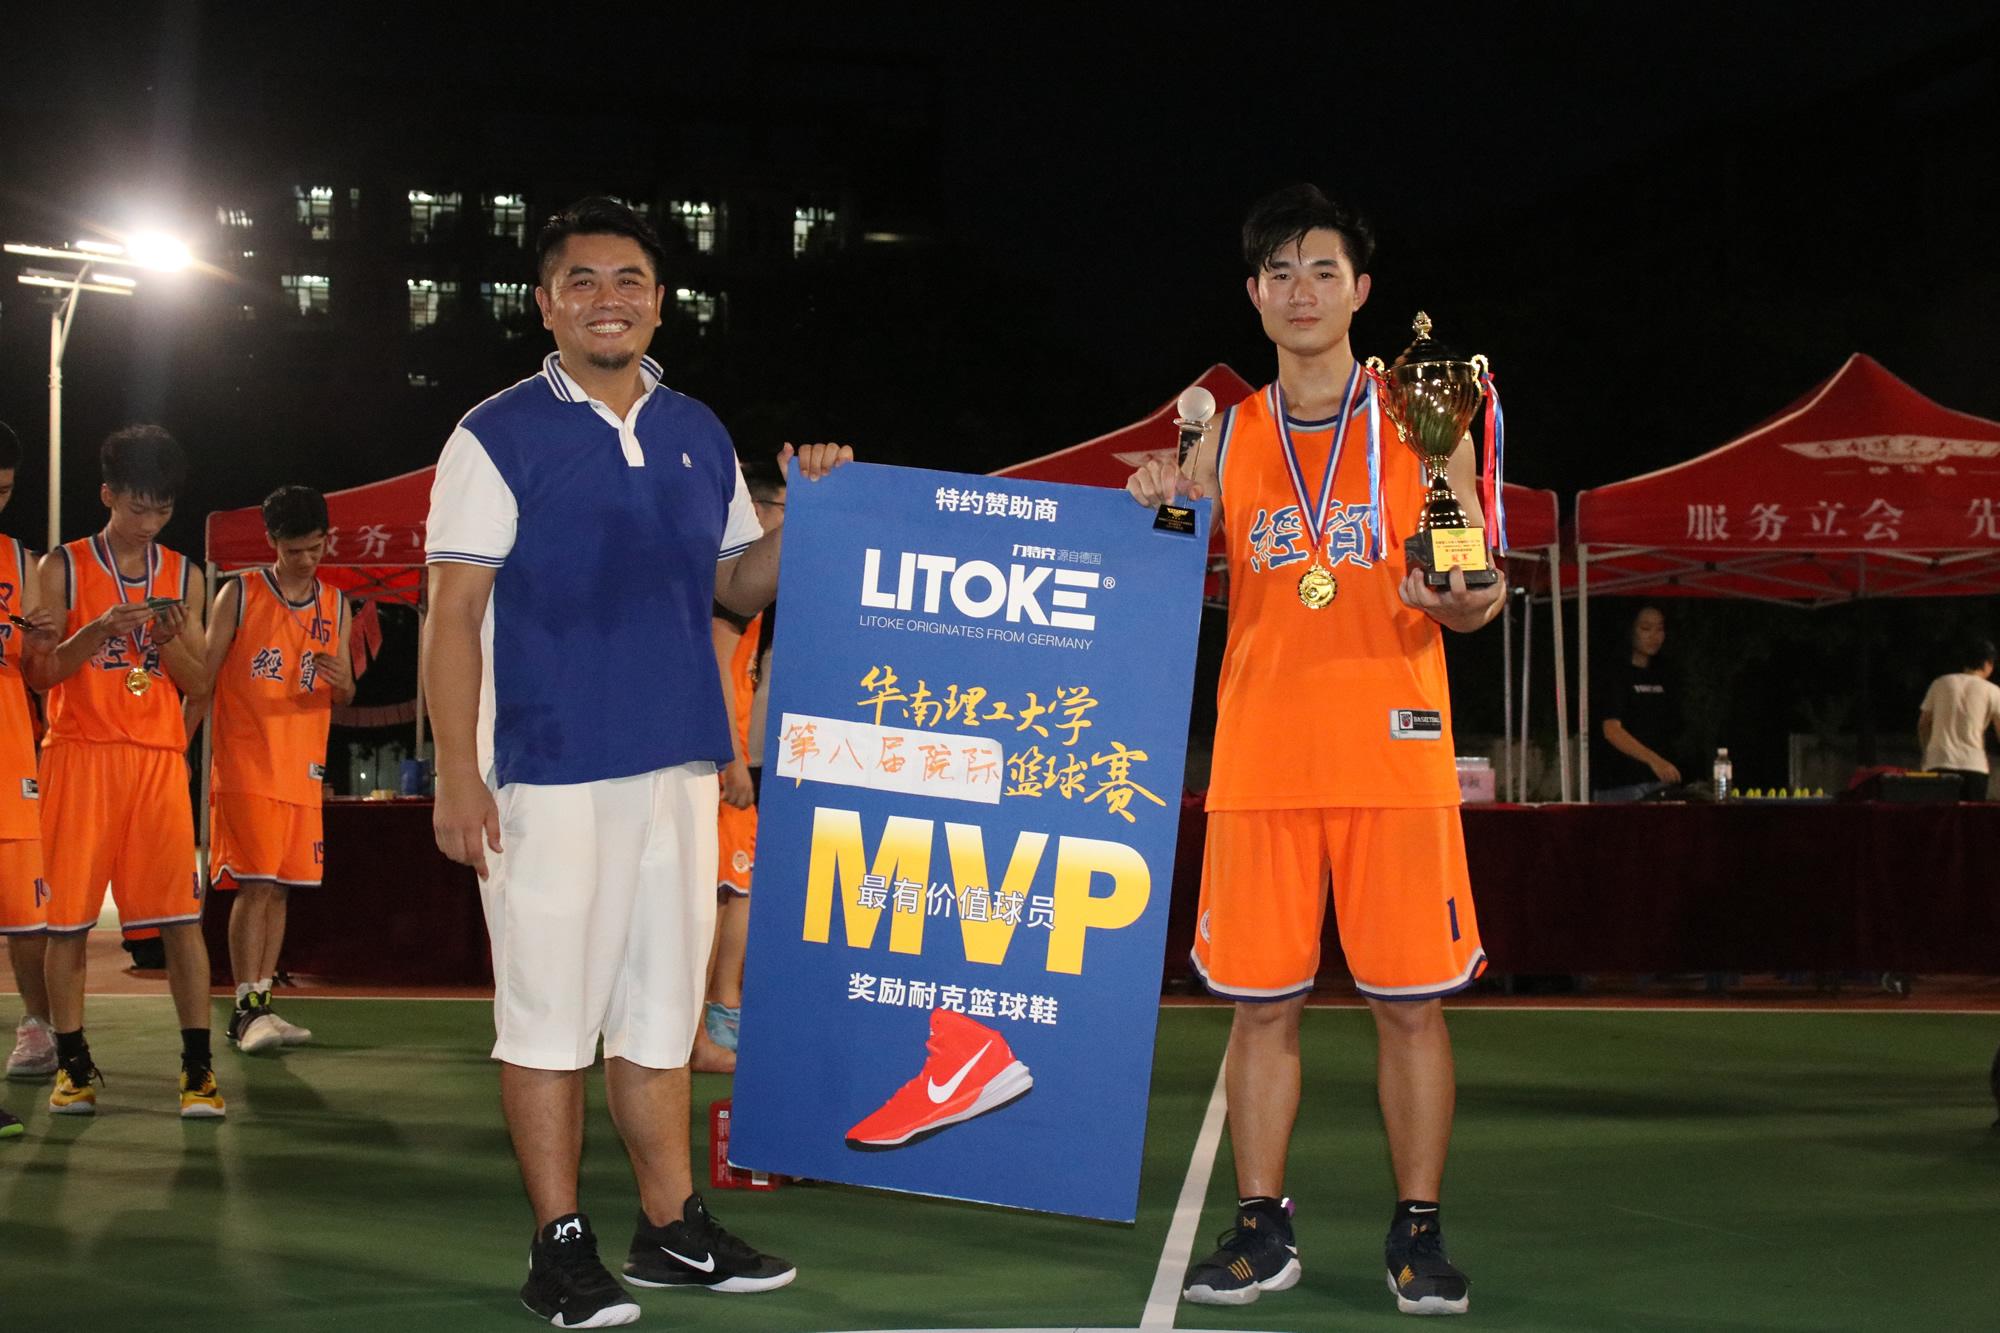 华南理工大学第八届院际篮球赛MVP